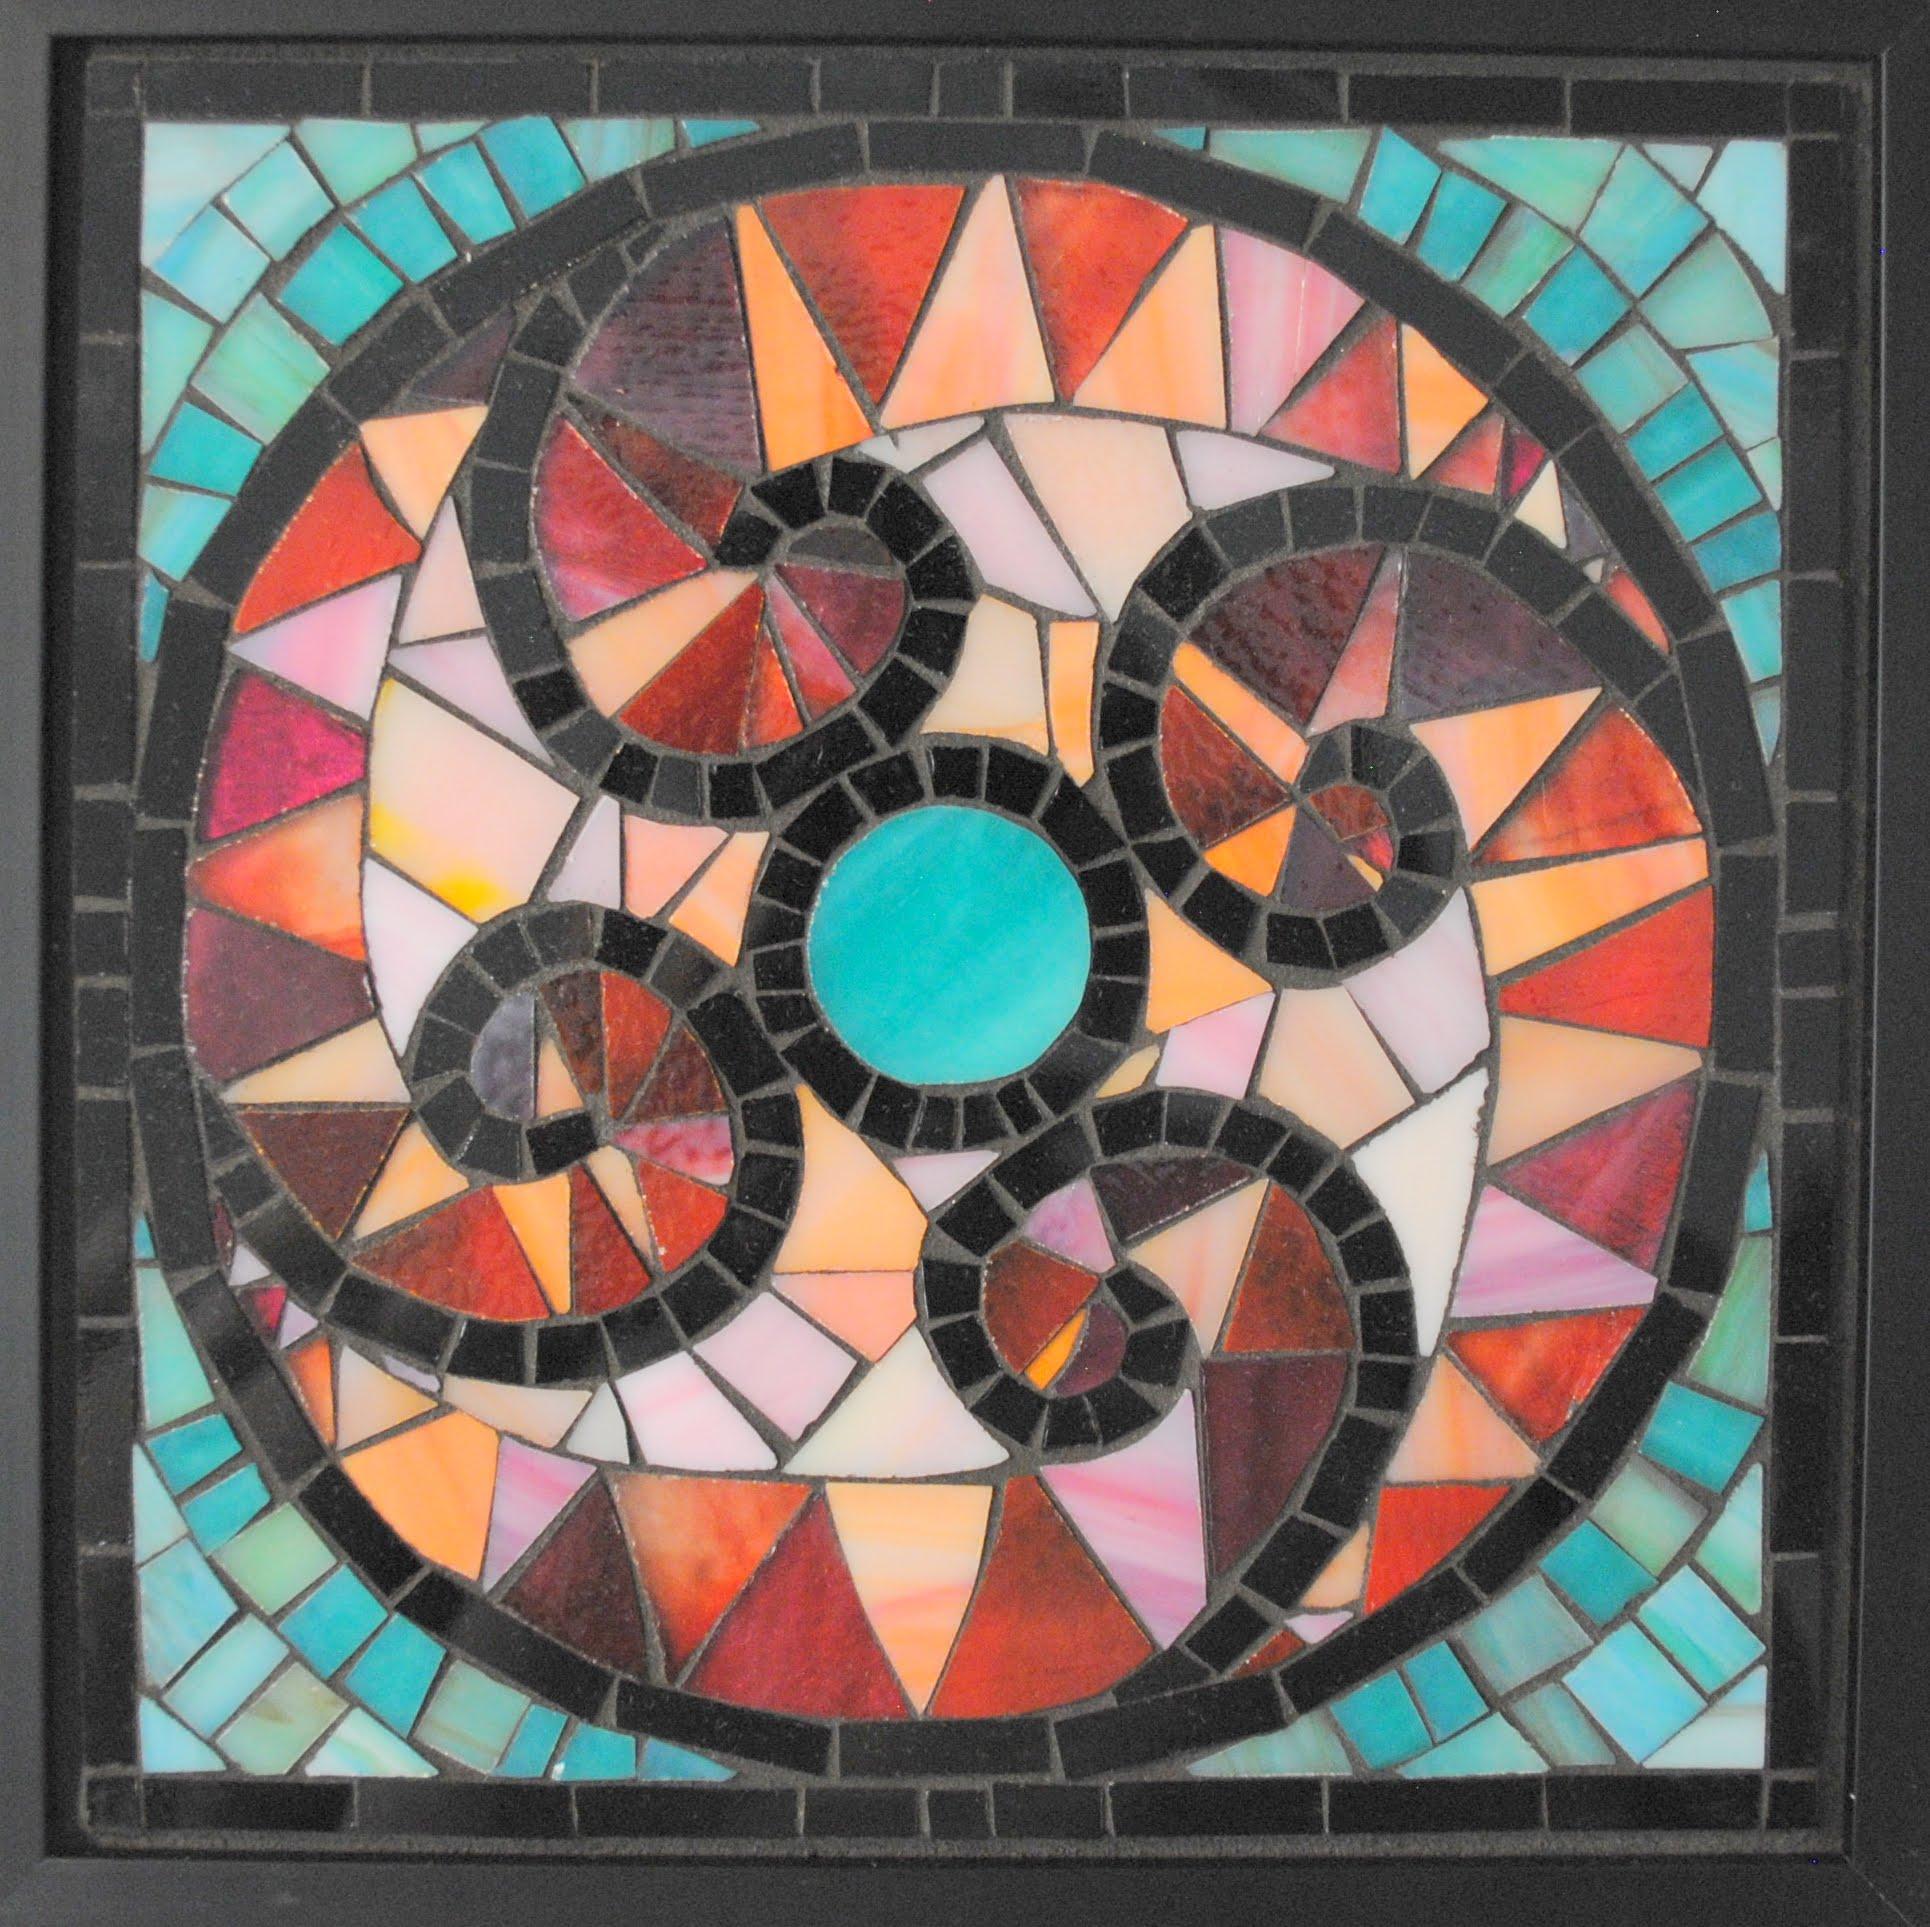 Travel-Inspired Art by Brenda Pokorny